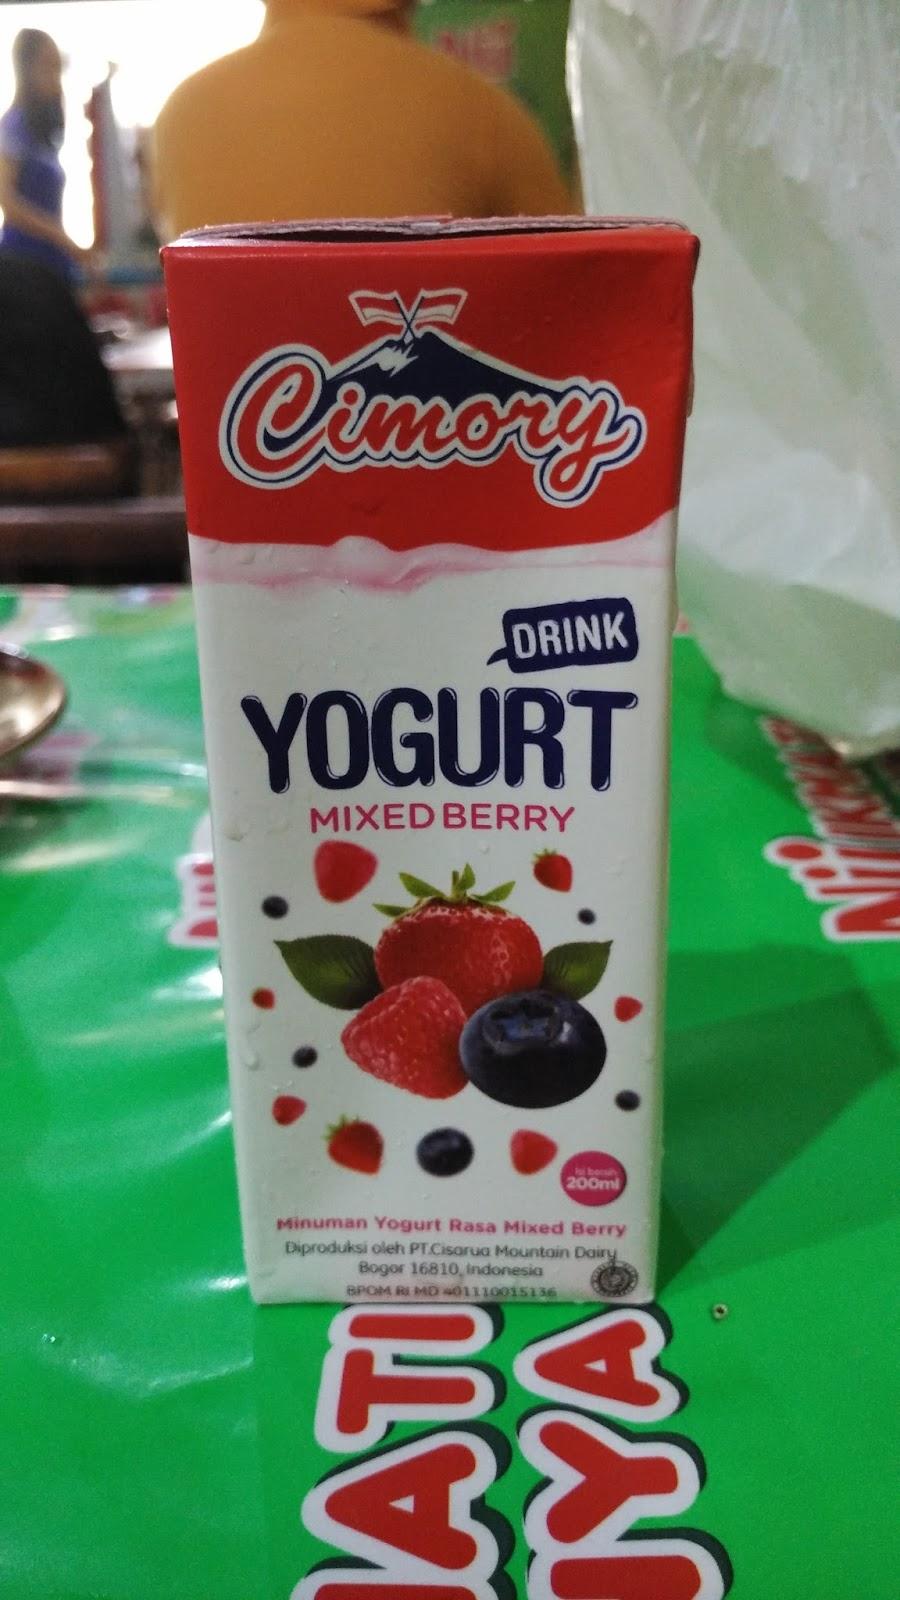 ini dia gan cara diet pake susu cimory